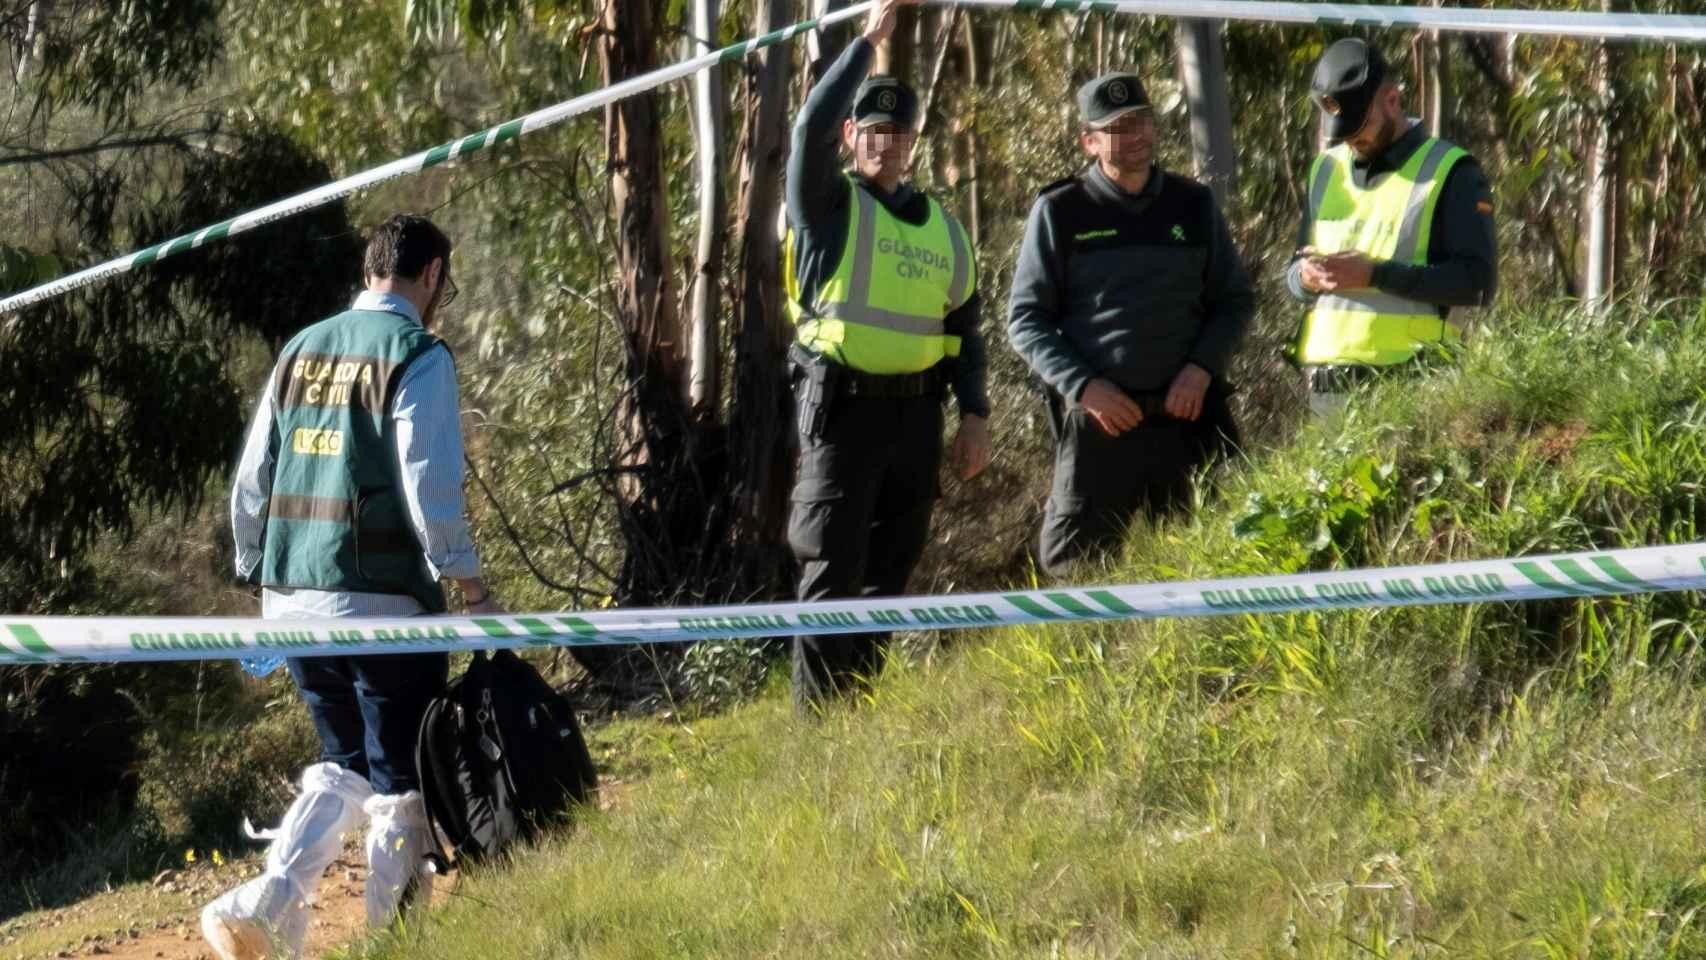 Lugar en el que se ha encontrado el cuerpo sin vida de Laura Luelmo